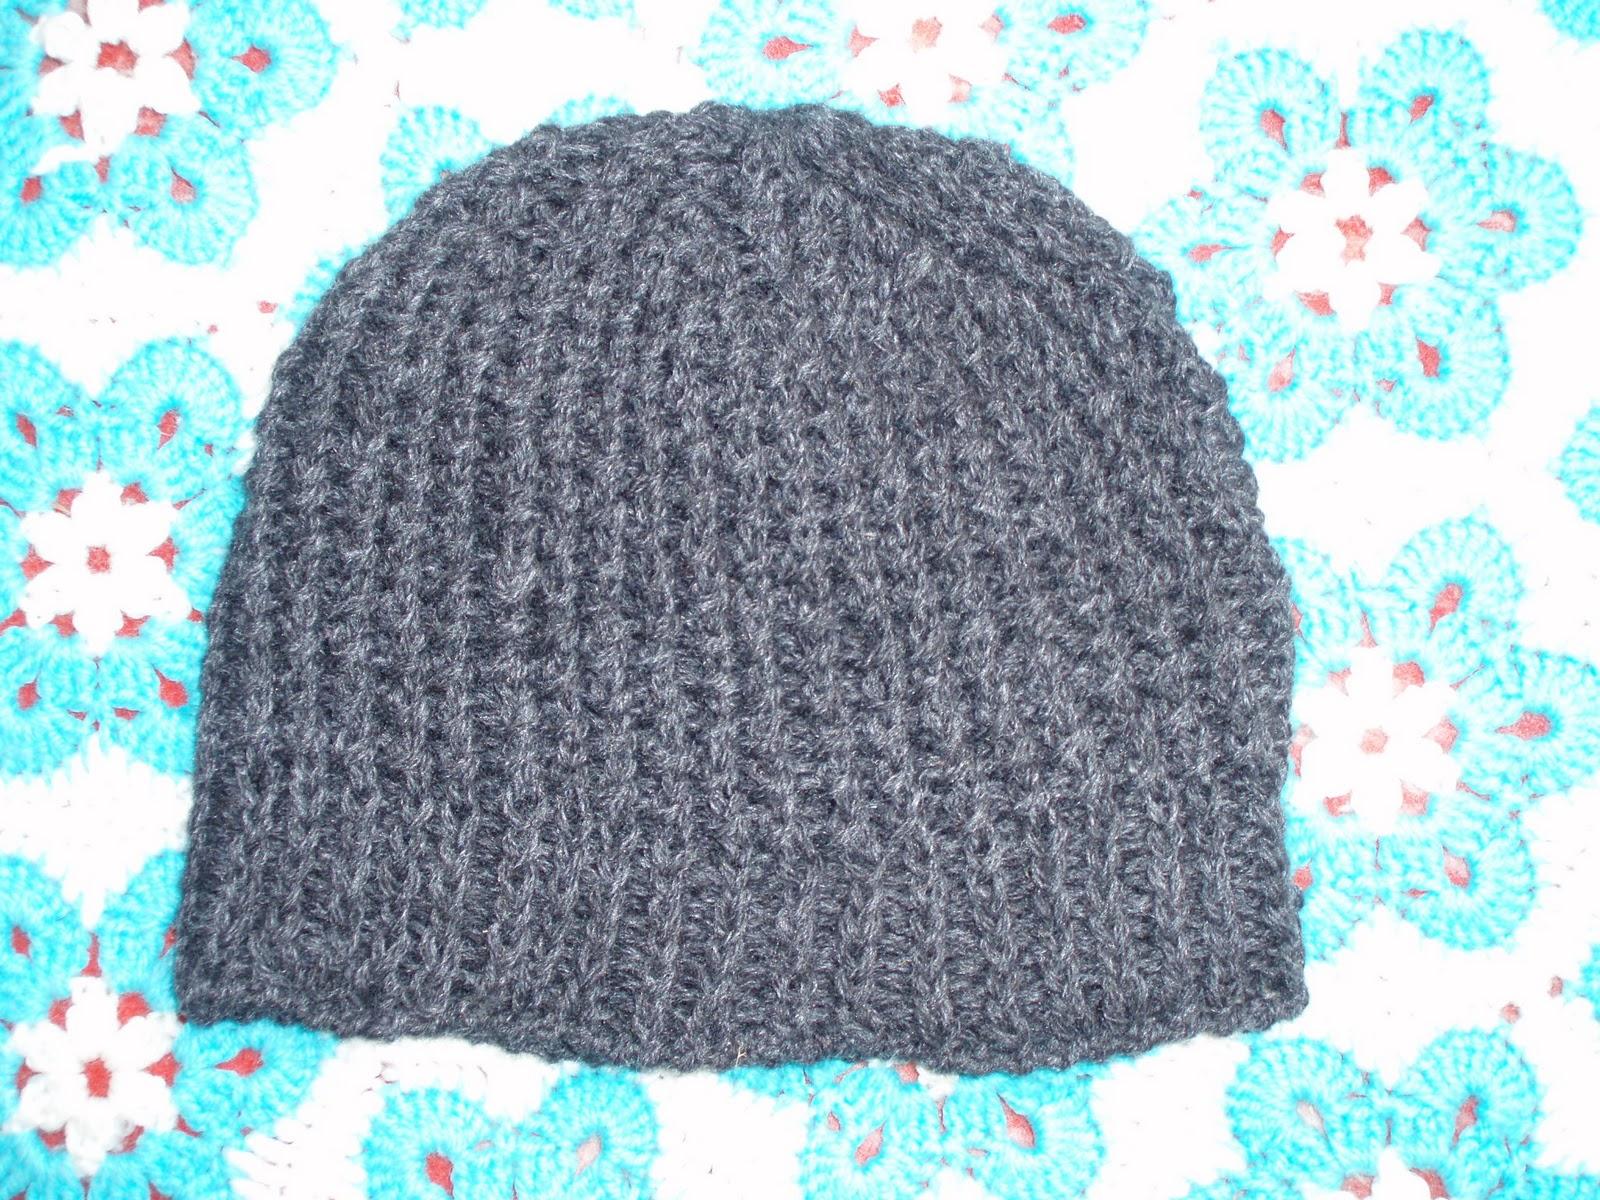 5c26ef93744 Pilt on hirmus nagu alati, aga müts ise on mõnusa mahulise mustriga, mitte  liiga paks ega liiga õhuke. Muster viimasest